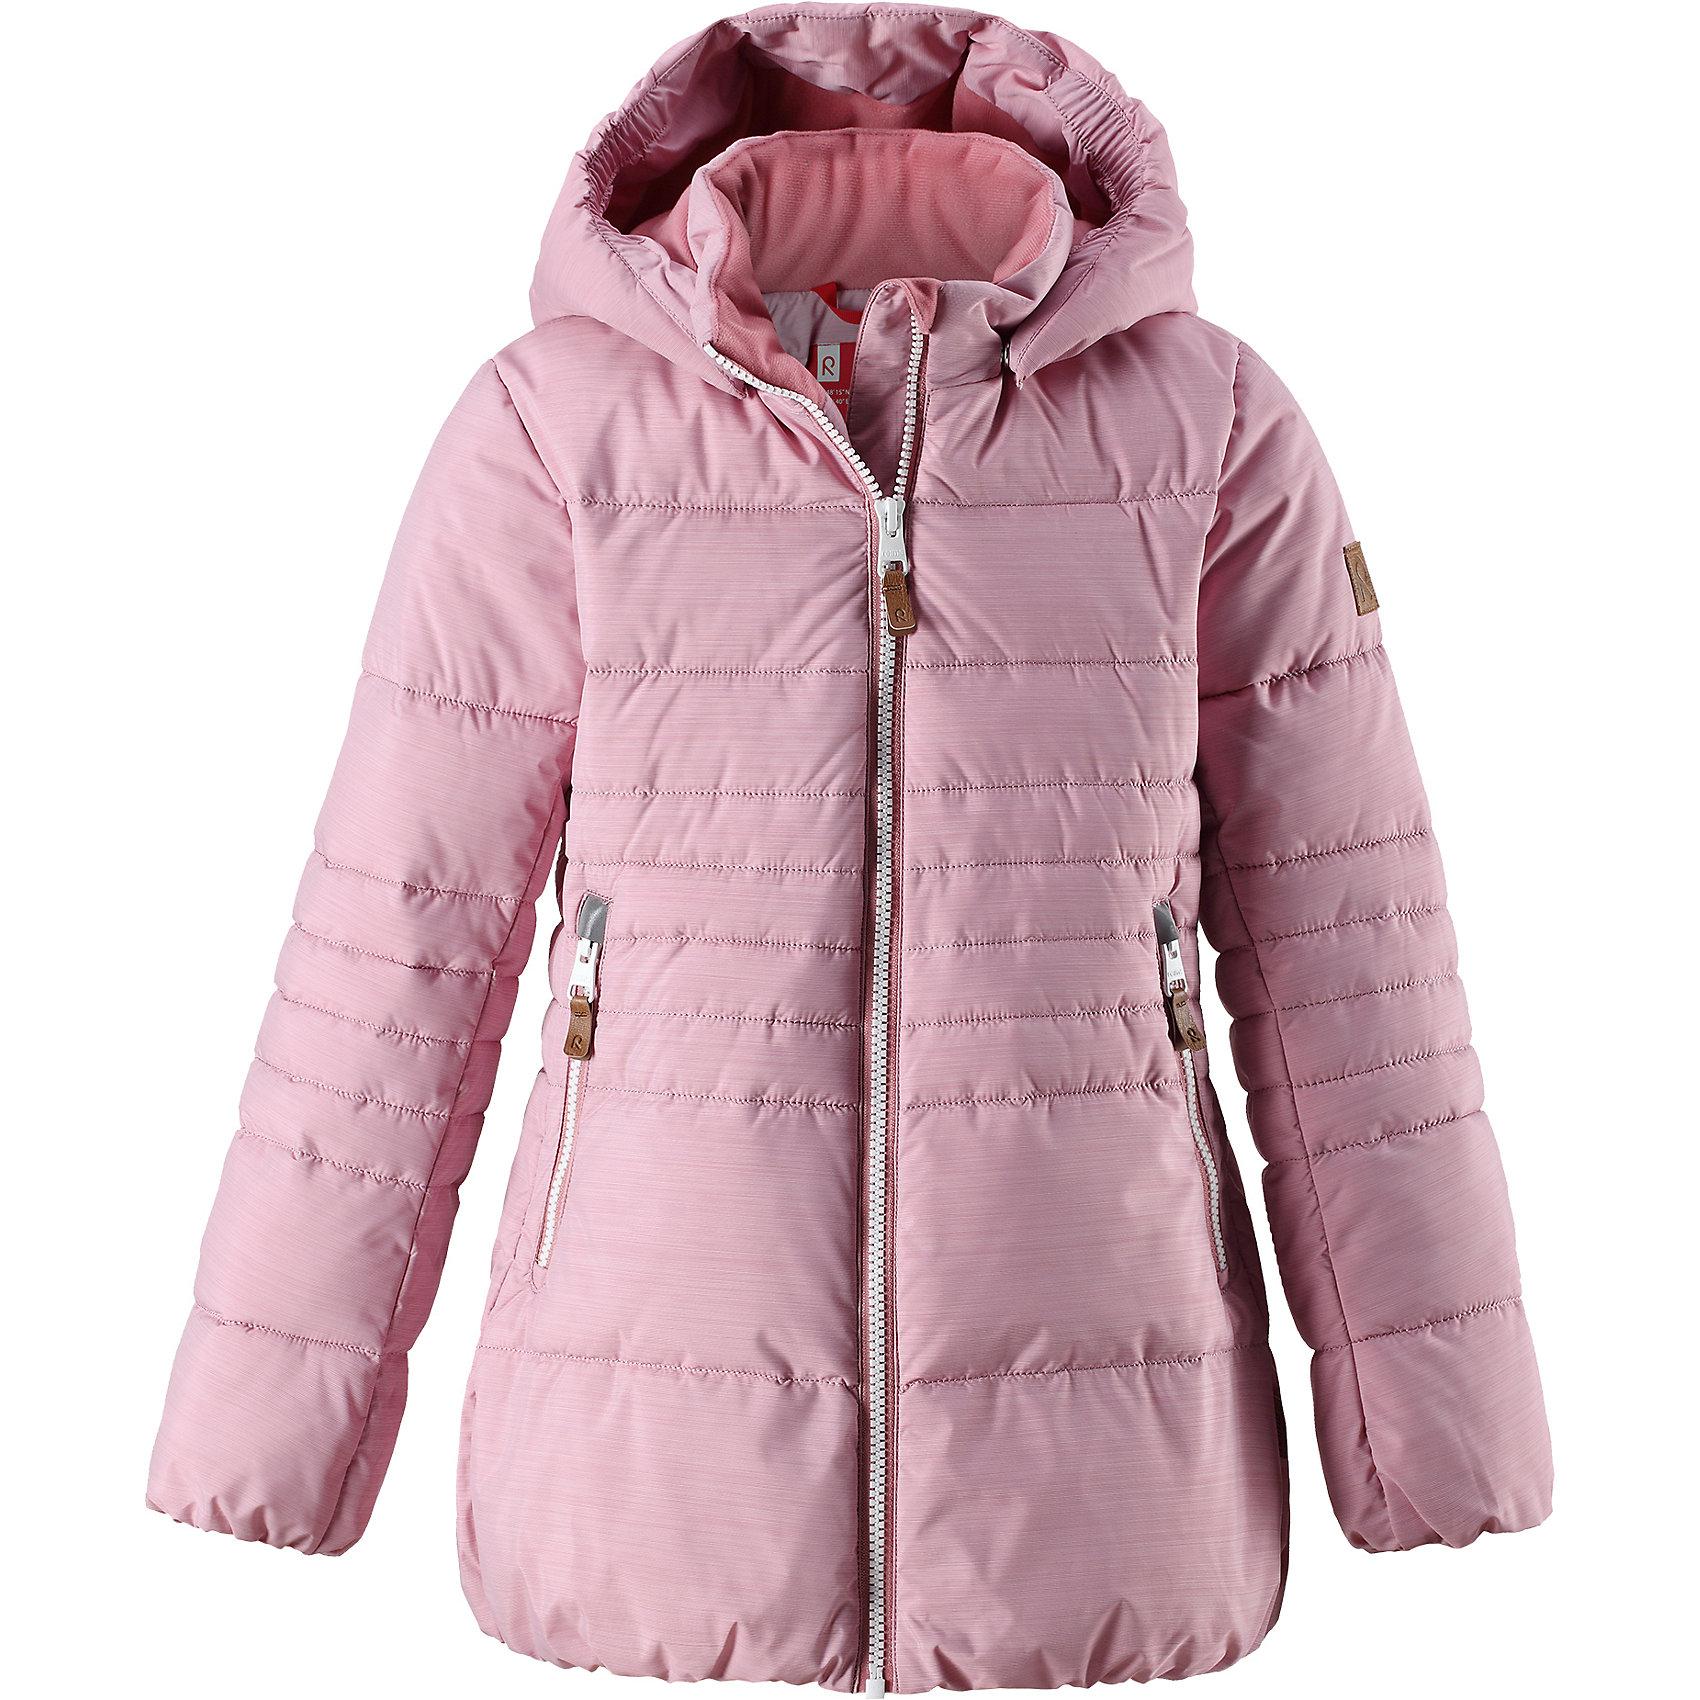 Куртка Reima Liisa для девочкиВерхняя одежда<br>Характеристики товара:<br><br>• цвет: розовый;<br>• состав: 100% полиэстер;<br>• подкладка: 100% полиэстер;<br>• утеплитель: искусственный пух;<br>• сезон: зима;<br>• температурный режим: от 0 до -20С;<br>• водонепроницаемость: 10000 мм;<br>• воздухопроницаемость: 11000 мм;<br>• износостойкость: 30000 циклов (тест Мартиндейла);<br>• водо- и ветронепроницаемый, дышащий и грязеотталкивающий материал;<br>• все швы проклеены и водонепроницаемы;<br>• застежка: молния с защитой подбородка;<br>• гладкая подкладка из полиэстера;<br>• безопасный съемный капюшон;<br>• эластичные манжеты и подол;<br>• два кармана на молнии;<br>• светоотражающие детали;<br>• страна бренда: Финляндия;<br>• страна изготовитель: Китай.<br><br>Детская непромокаемая зимняя куртка изготовлена из водо и ветронепроницаемого, дышащего материала с грязеотталкивающими свойствами. Благодаря гладкой подкладке из полиэстера, куртку легко надевать и удобно носить даже с дополнительным теплым промежуточным слоем. <br><br>Эта модель для девочек снабжена эластичным подолом и манжетами. Съемный и регулируемый капюшон защищает от пронизывающего ветра и дождя, а еще он безопасен во время игр на свежем воздухе. В куртке предусмотрены два кармана на молнии и светоотражающие детали.<br><br>Куртку Liisa для девочки Reima от финского бренда Reima (Рейма) можно купить в нашем интернет-магазине.<br><br>Ширина мм: 356<br>Глубина мм: 10<br>Высота мм: 245<br>Вес г: 519<br>Цвет: розовый<br>Возраст от месяцев: 156<br>Возраст до месяцев: 168<br>Пол: Женский<br>Возраст: Детский<br>Размер: 164,104,110,116,122,128,134,140,146,152,158<br>SKU: 6903945